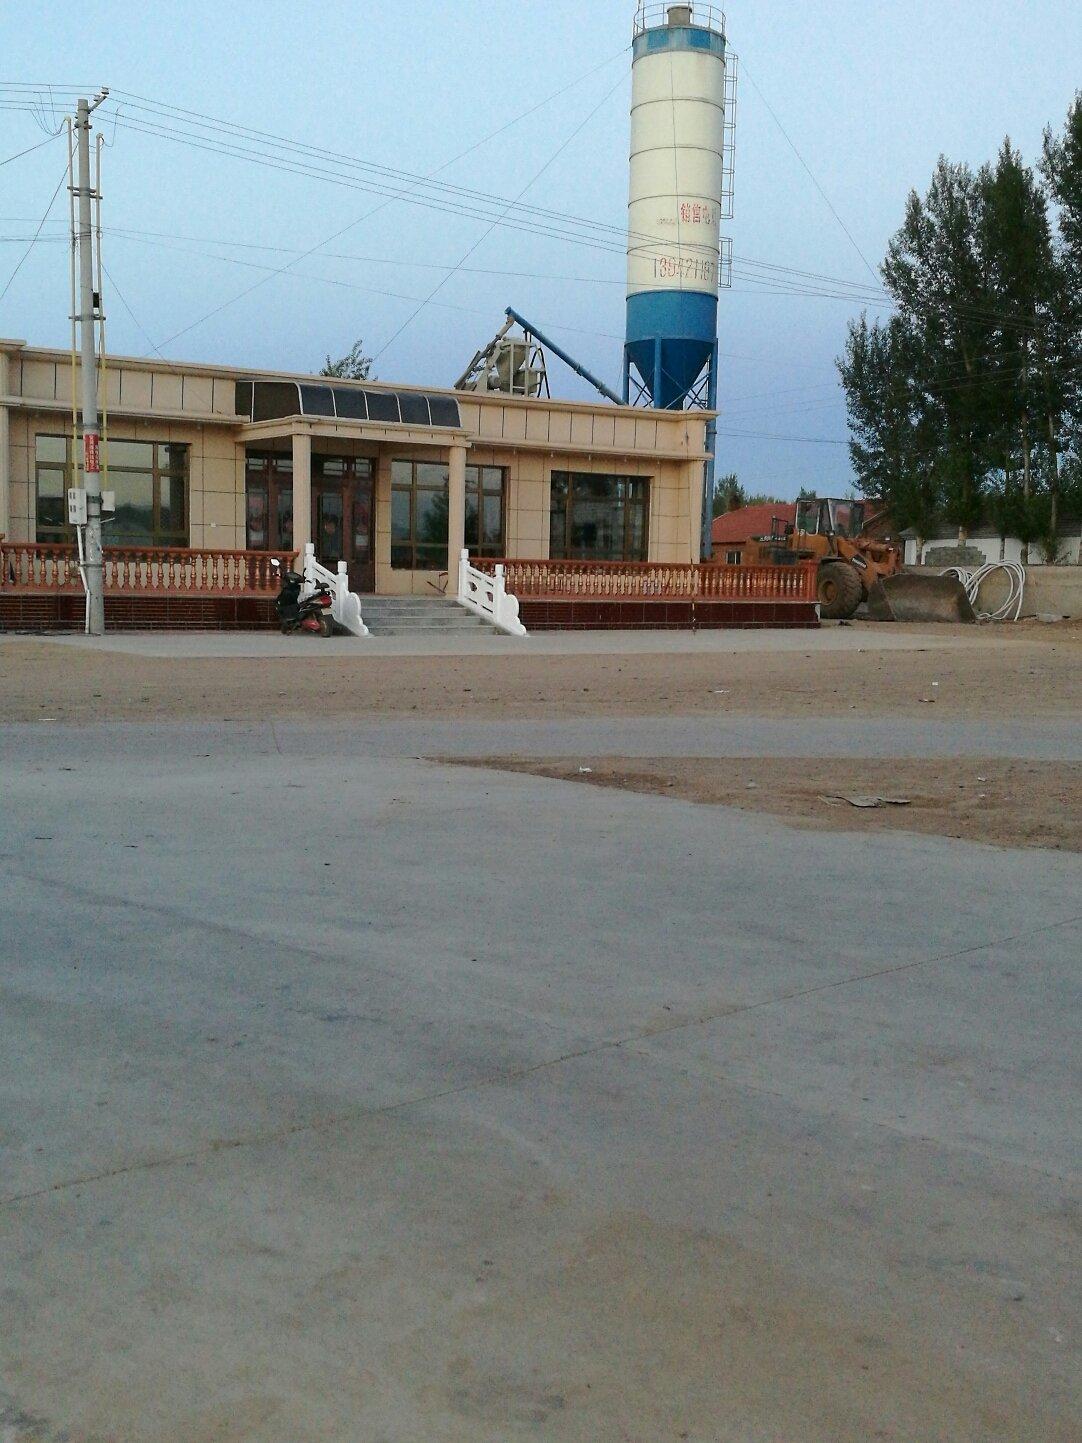 赤峰市敖汉旗教育局_内蒙古自治区赤峰市敖汉旗克敖线靠近喇嘛板村天气预报